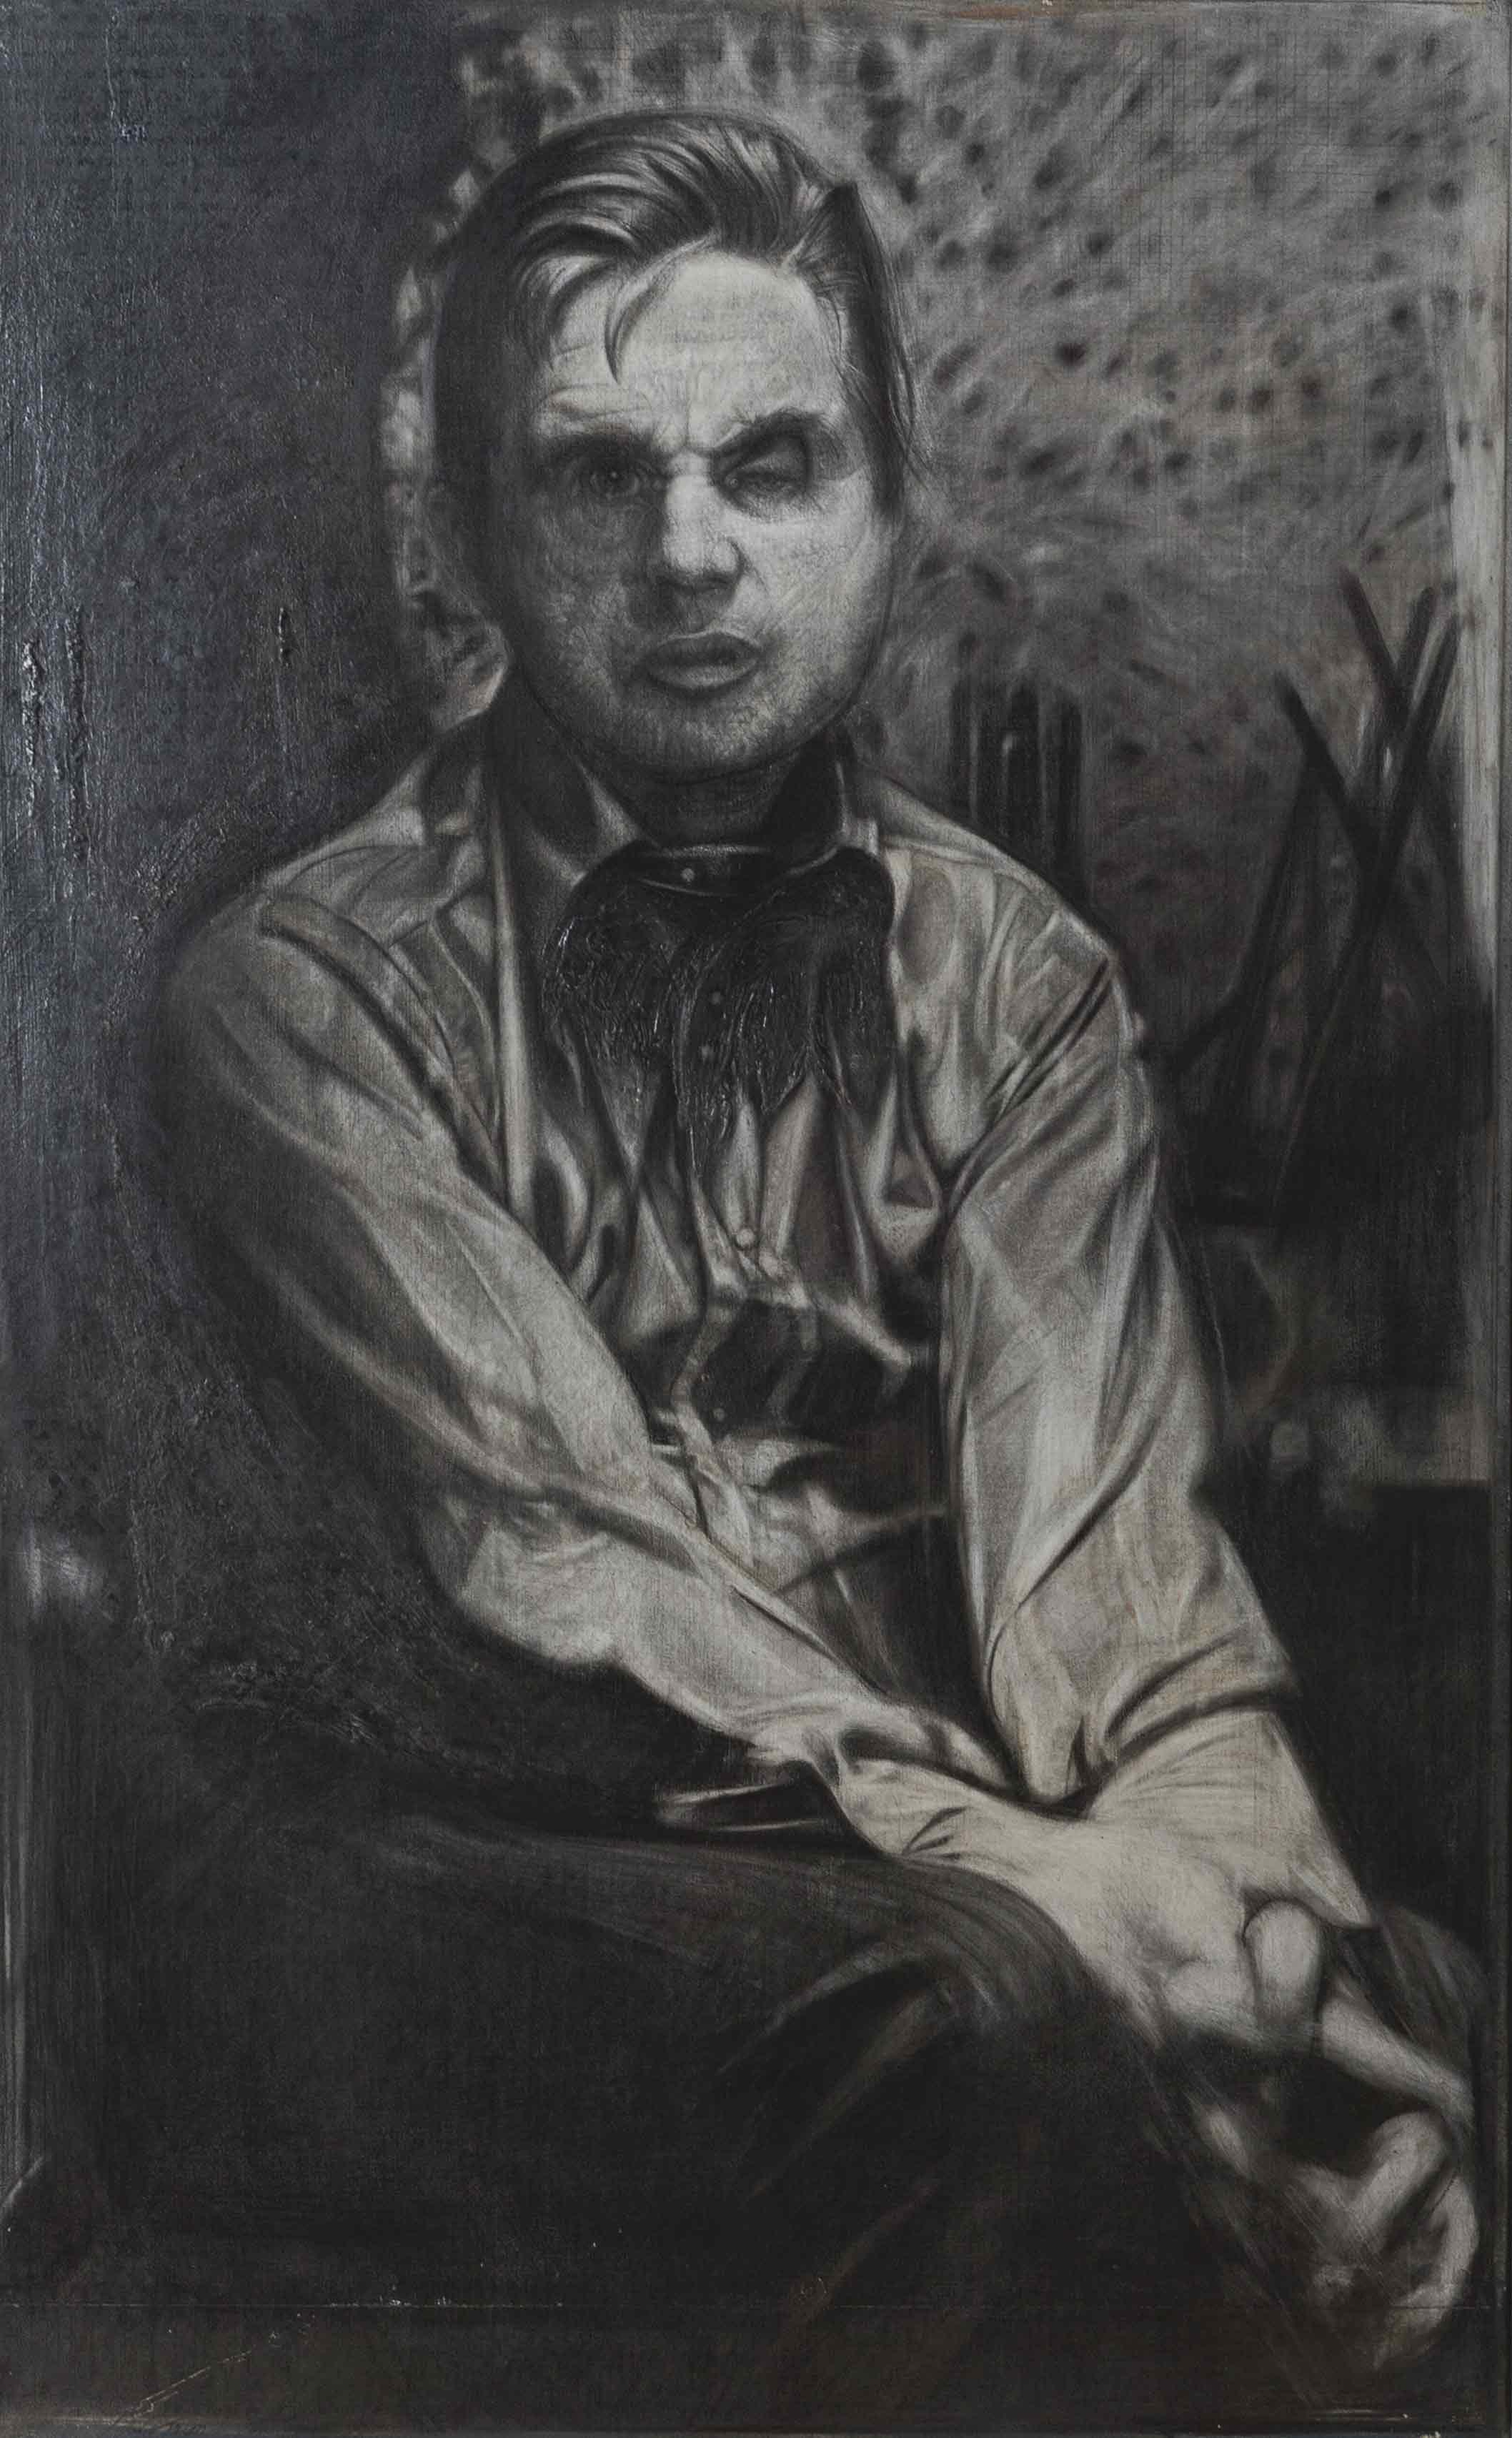 Studio su una fotografia di F. Bacon, 1977